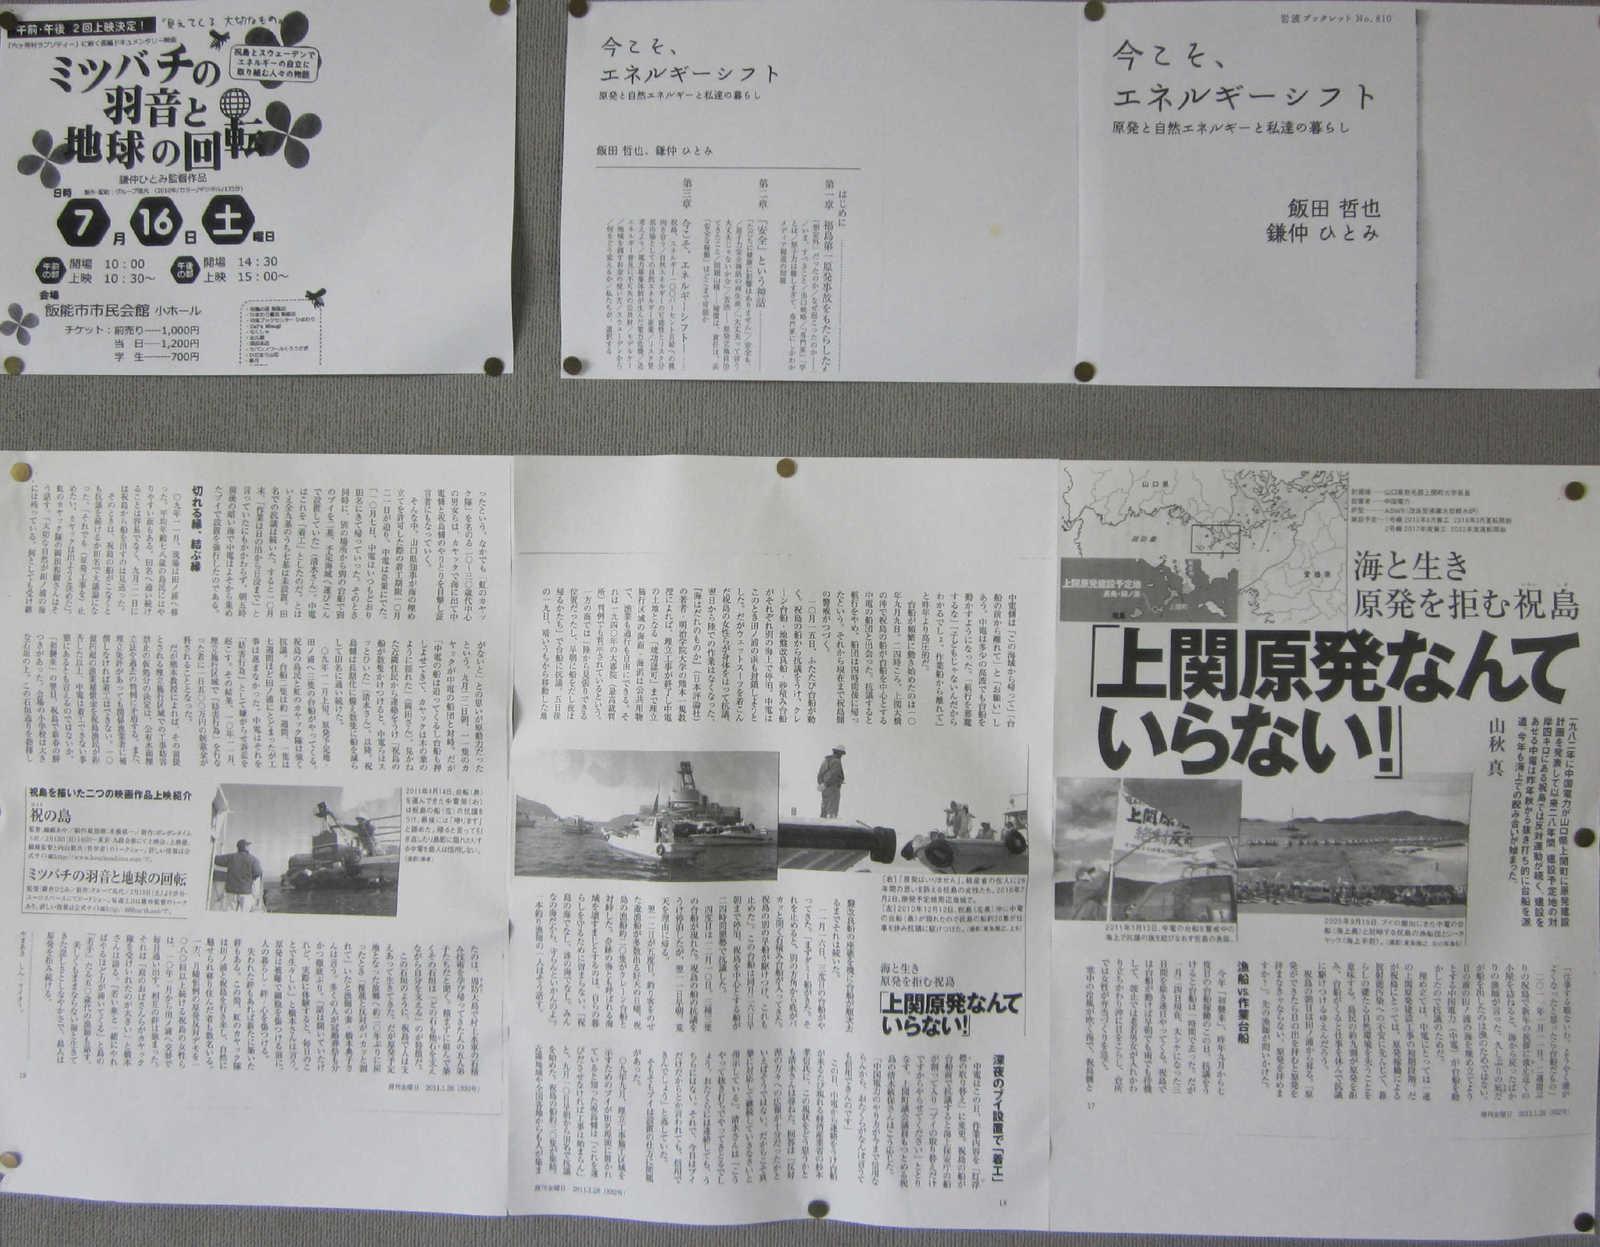 20110611jimoiri02